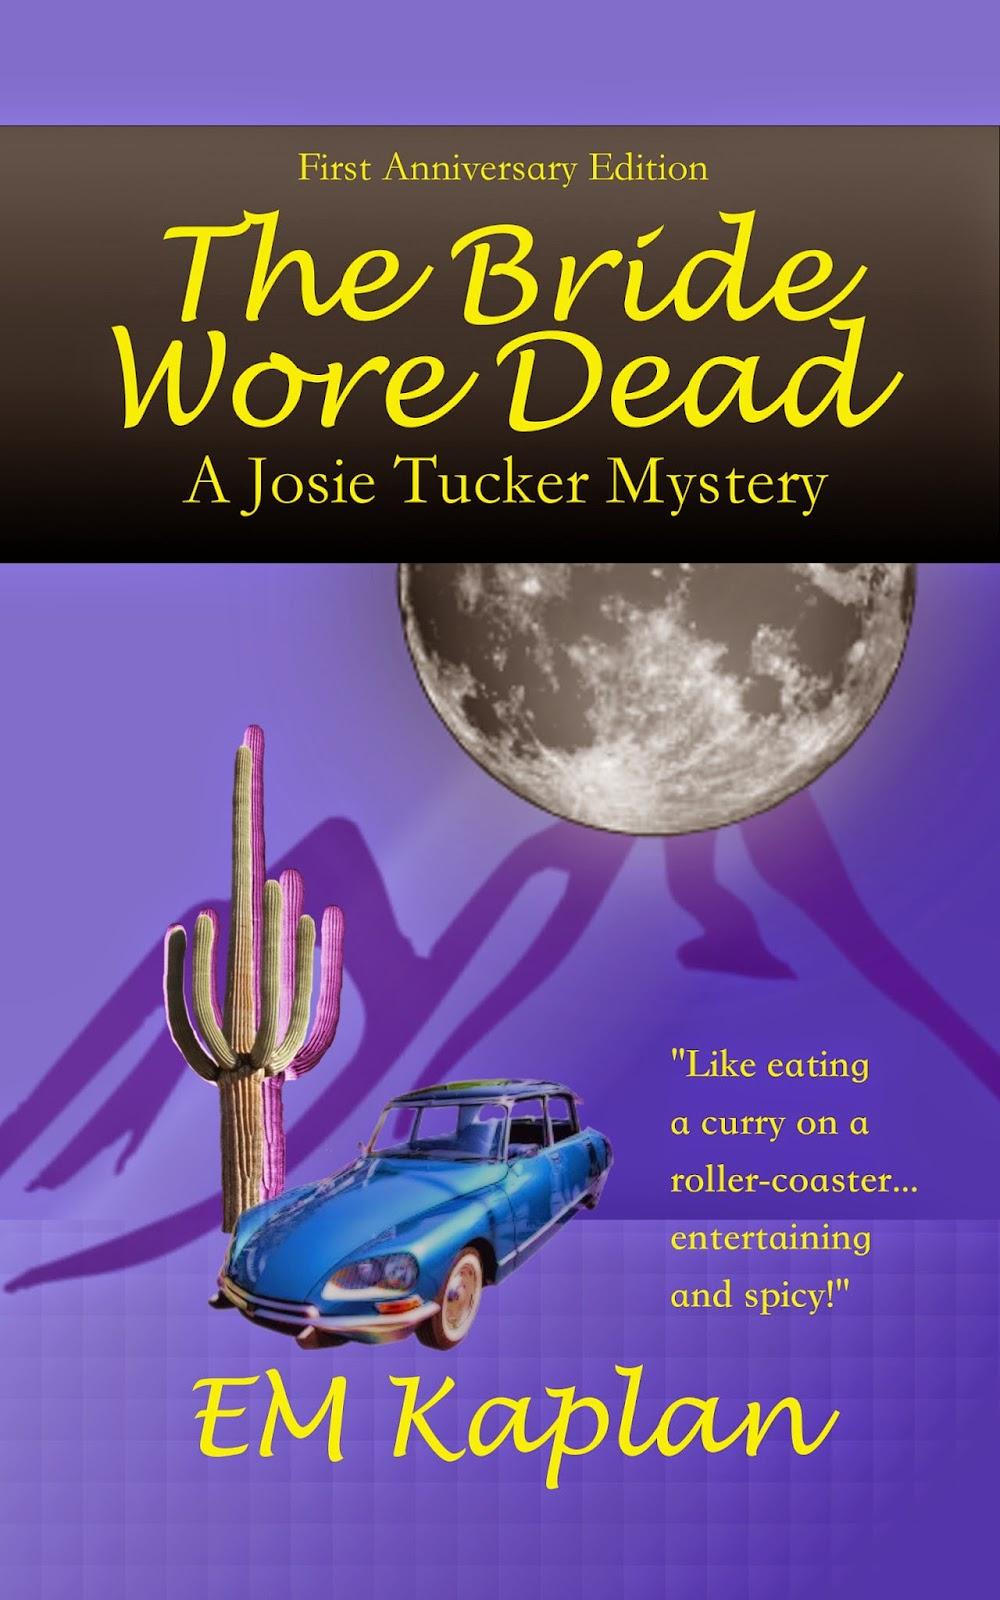 The Bride Wore Dead book cover